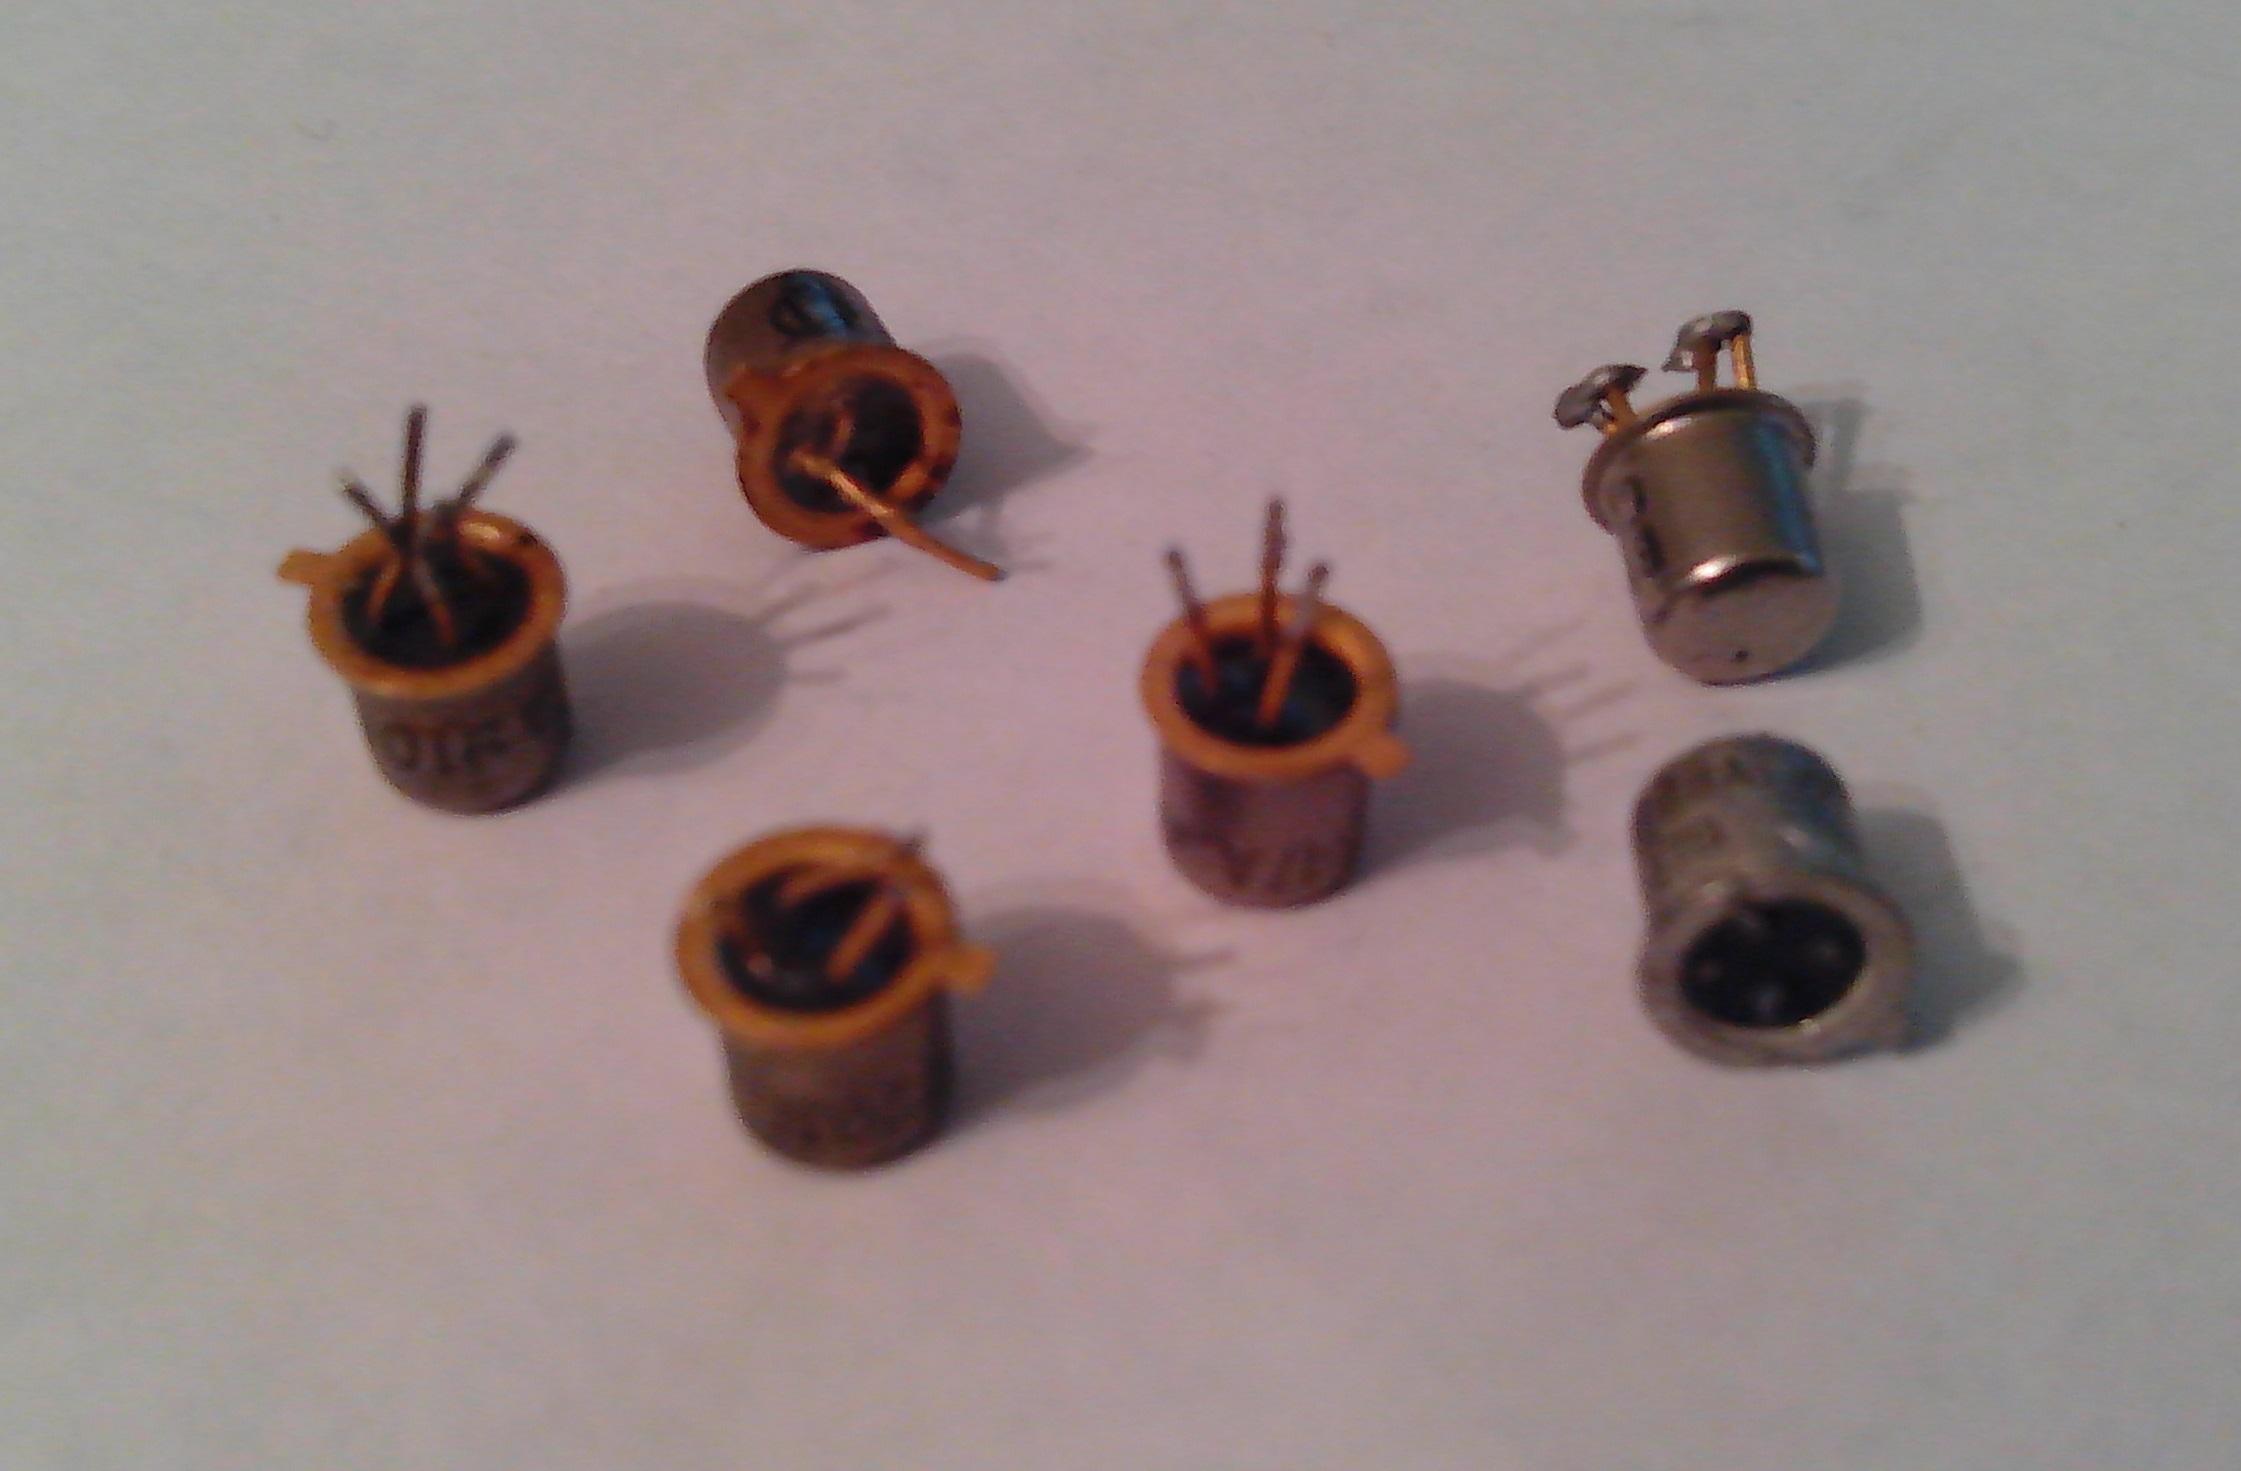 На фотографии Вы видите транзисторы, которые классифицируются как КОРПУС